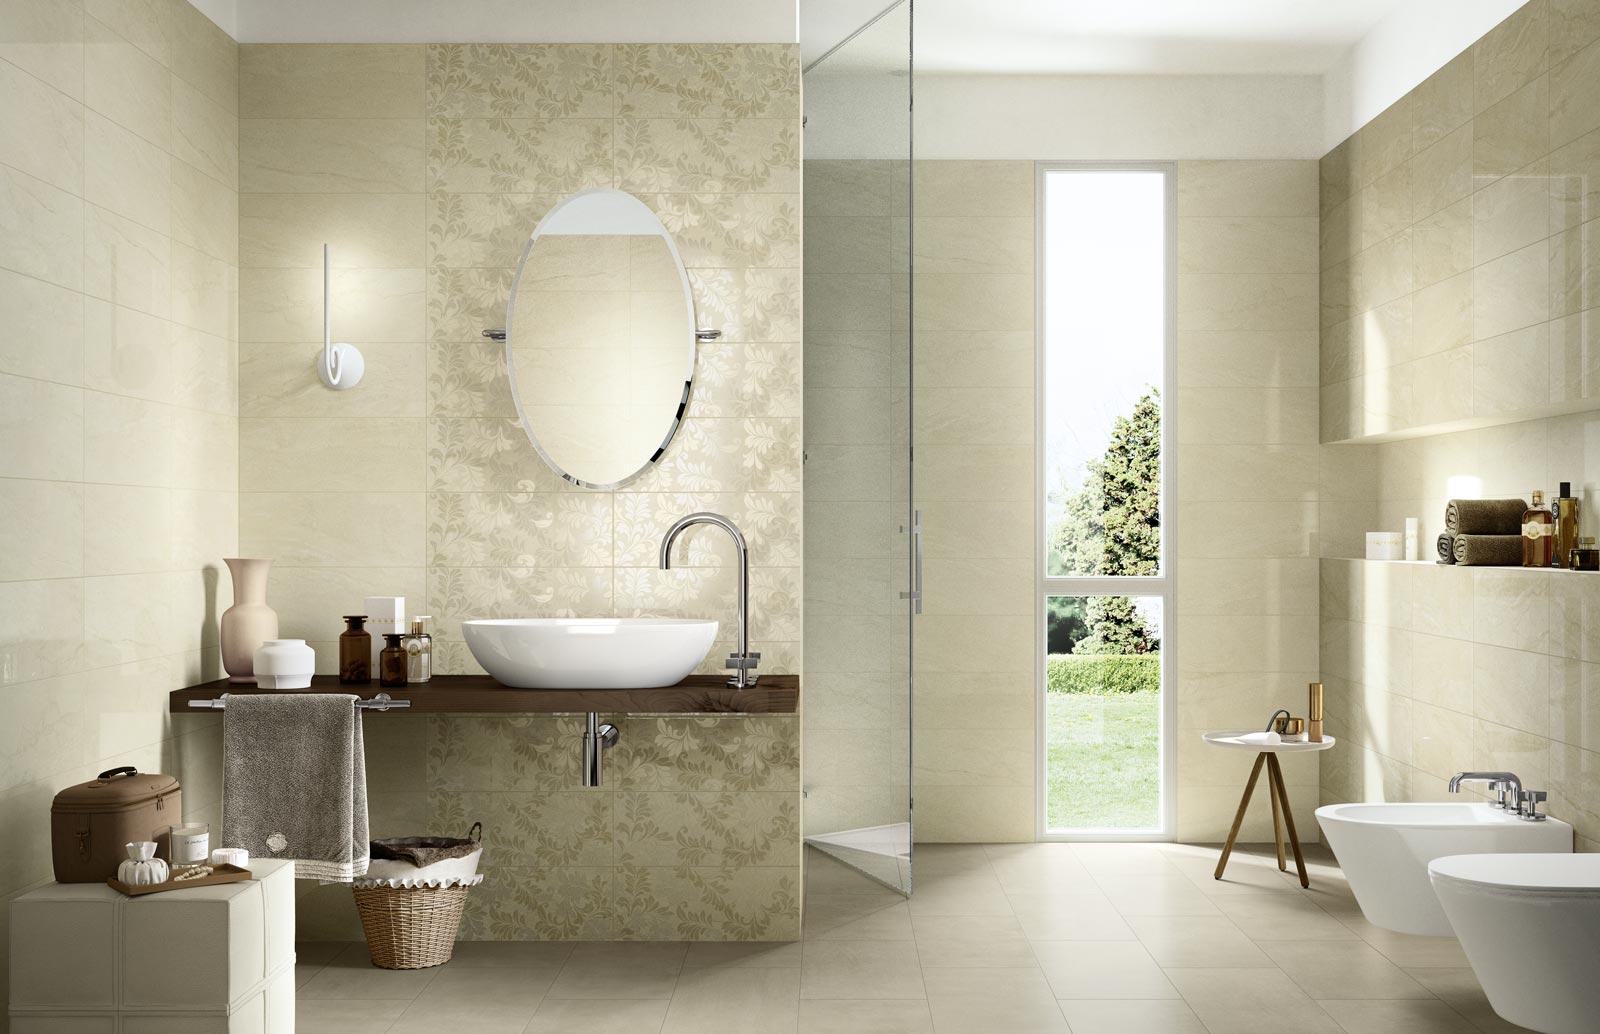 Collezione grace piastrelle in ceramica per il tuo bagno ragno - Ragno rivestimenti bagno ...